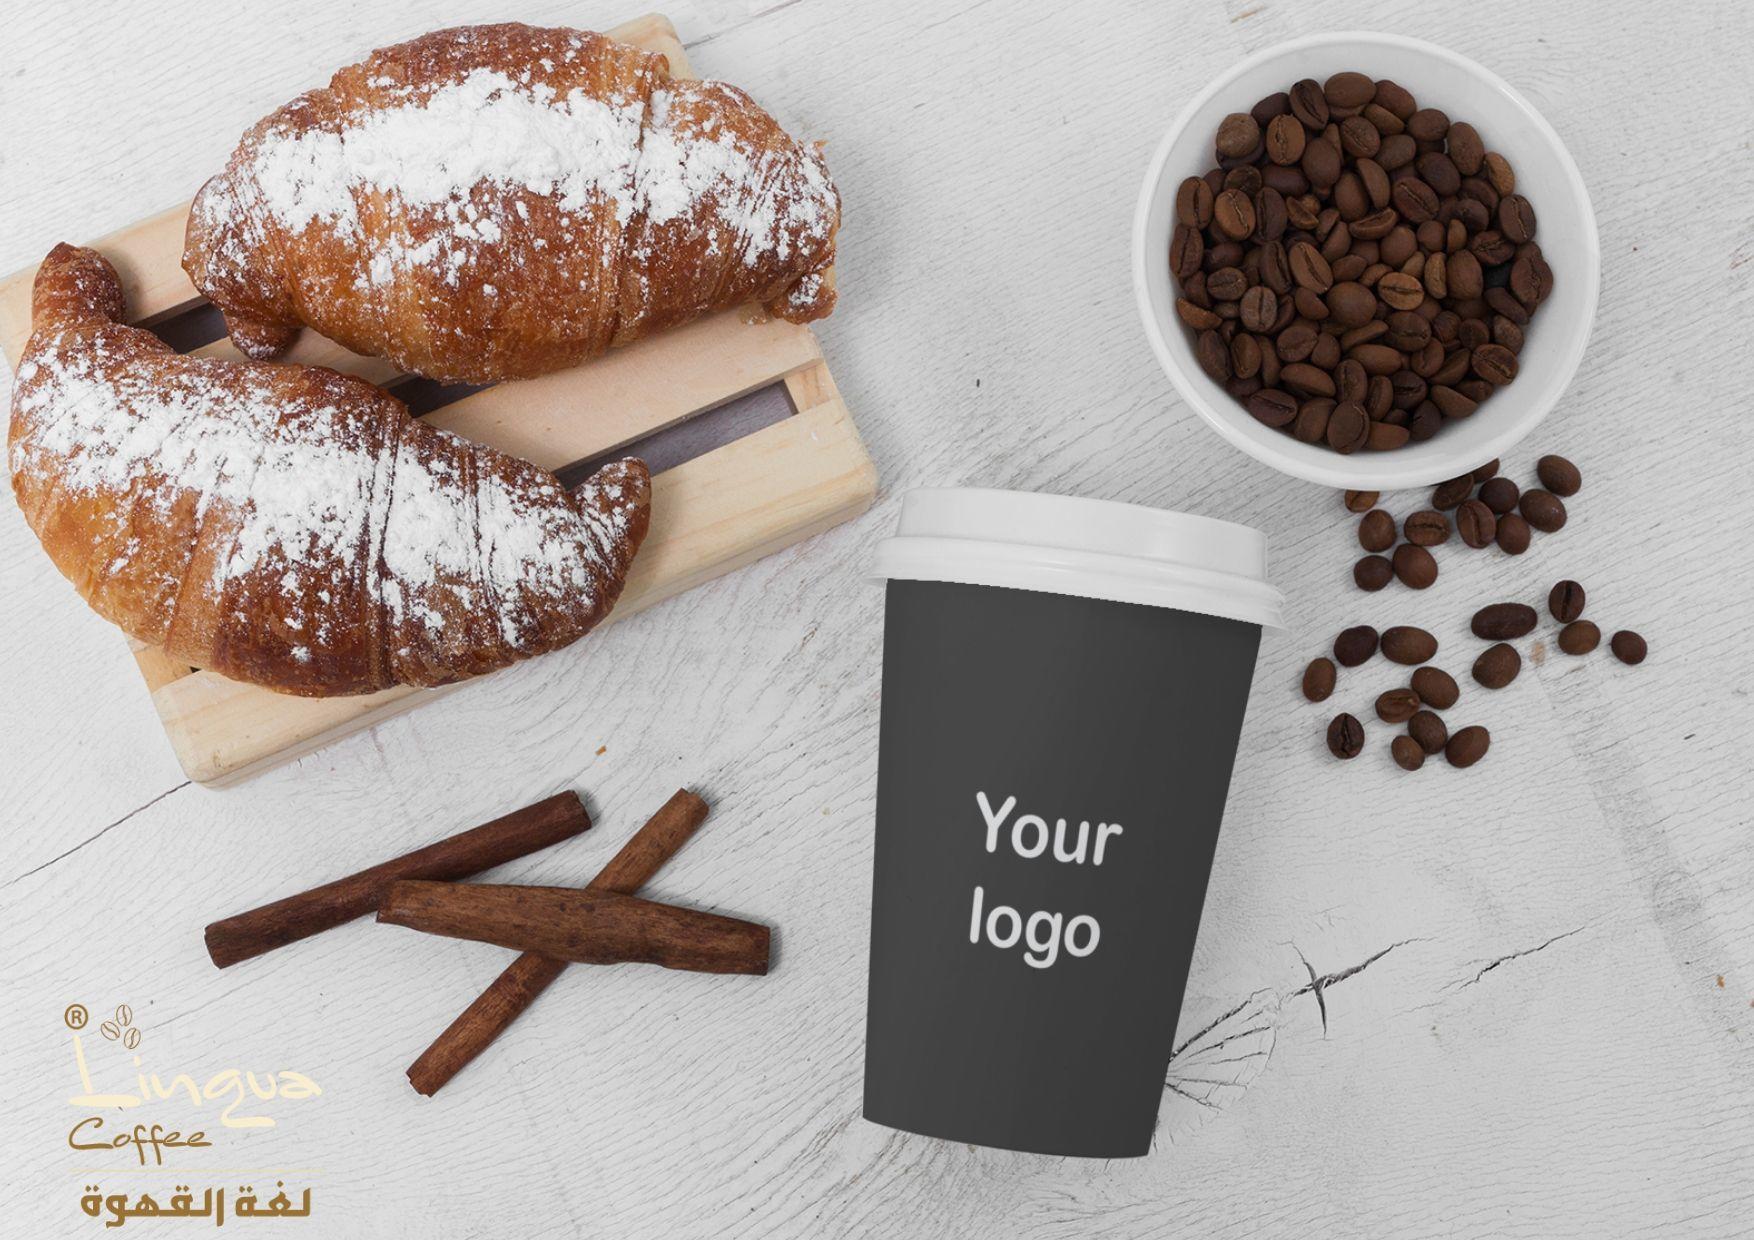 تصميم أكواب قهوة